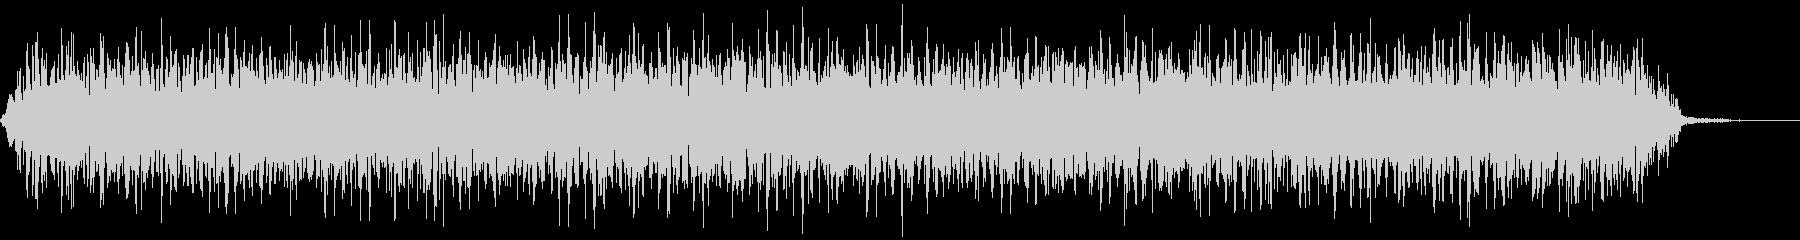 【アンビエント】ドローン_52 実験音の未再生の波形